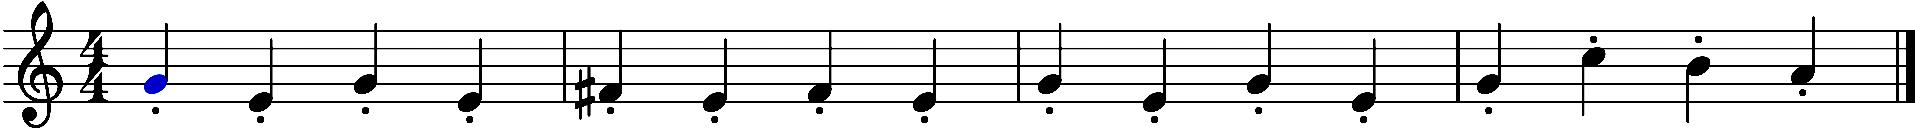 Melodie traurig Noten Beispiel